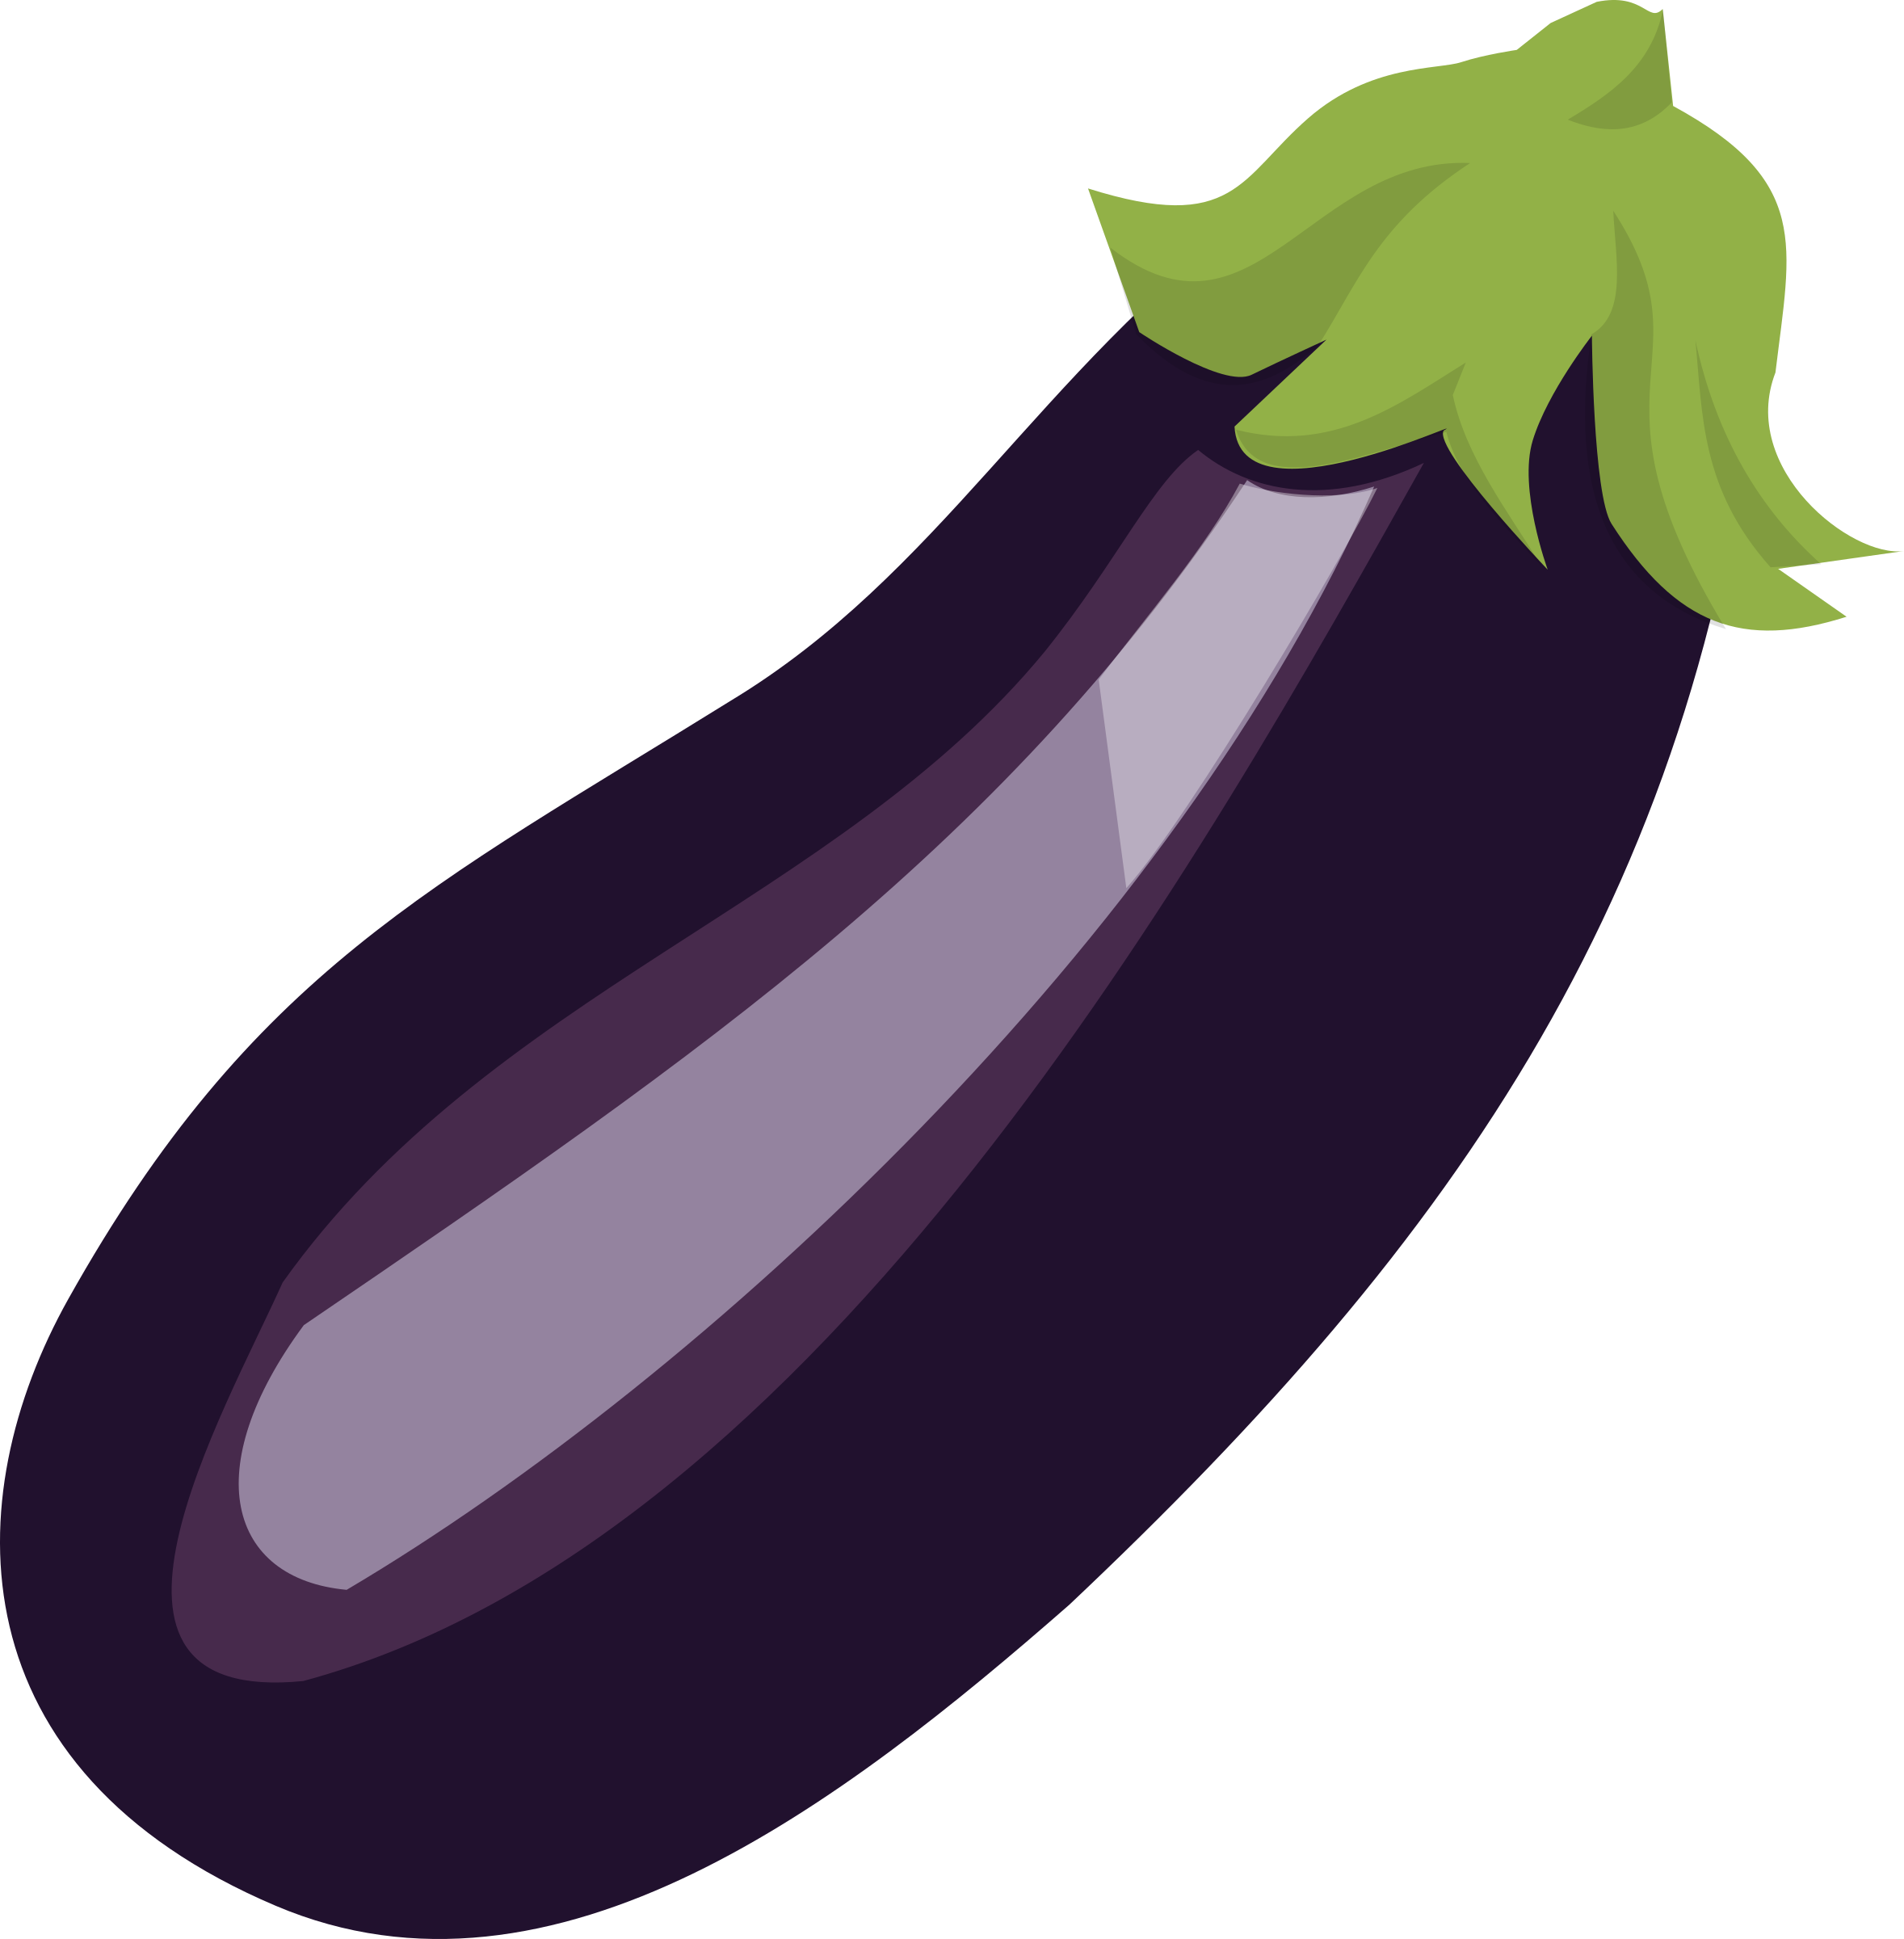 Eggplant clipart Clipart Aubergine Aubergine